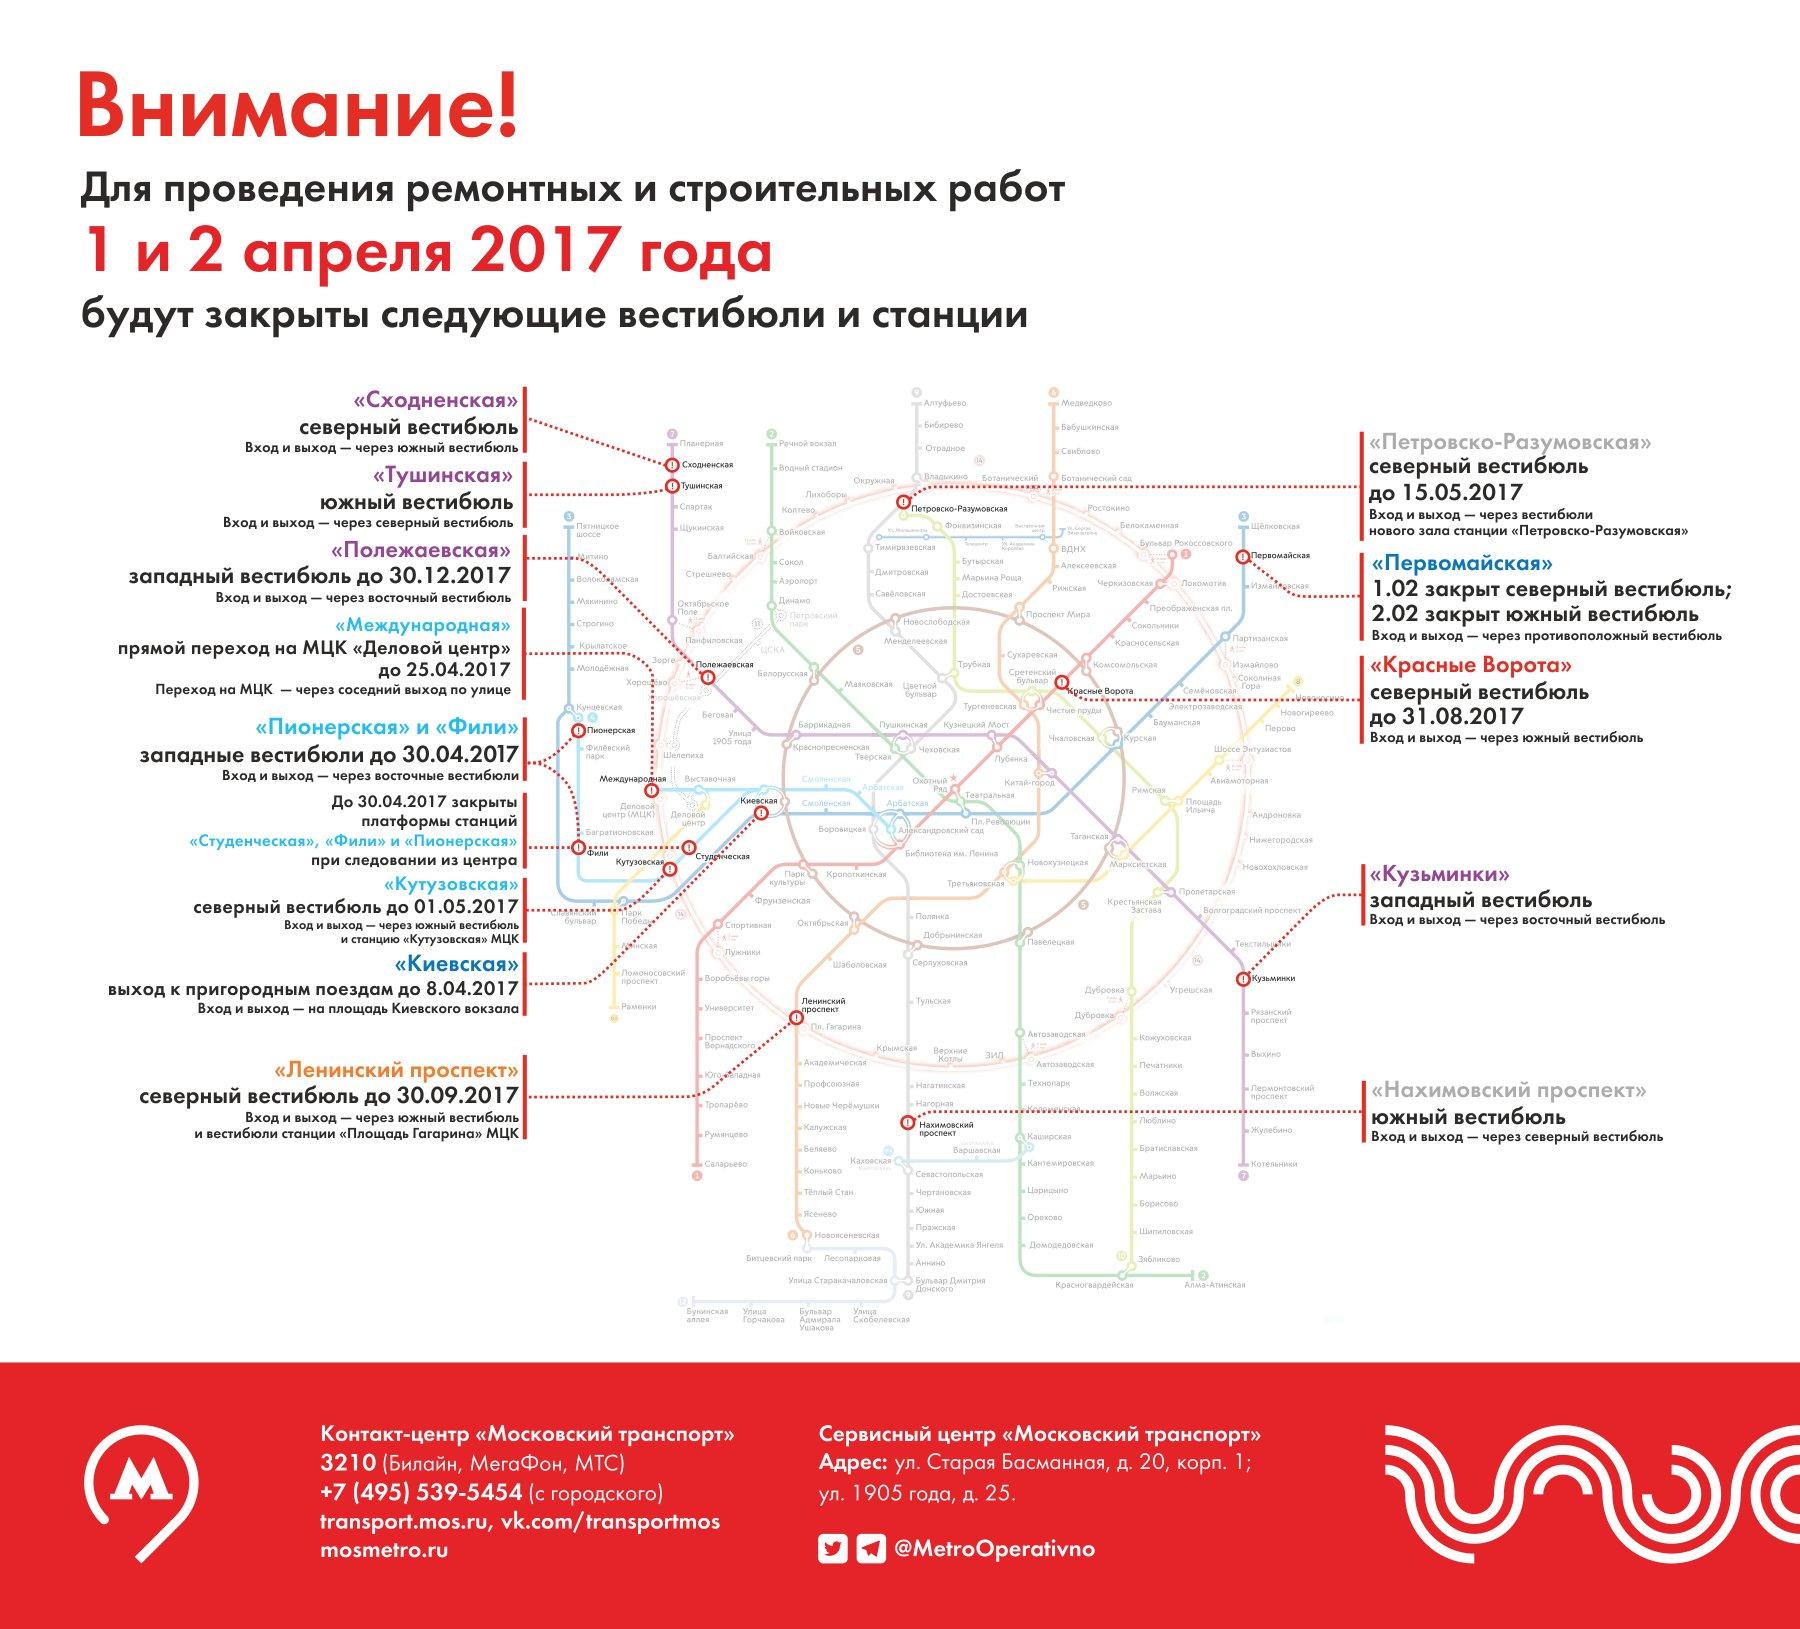 Как работает метро на 9 мая 2018